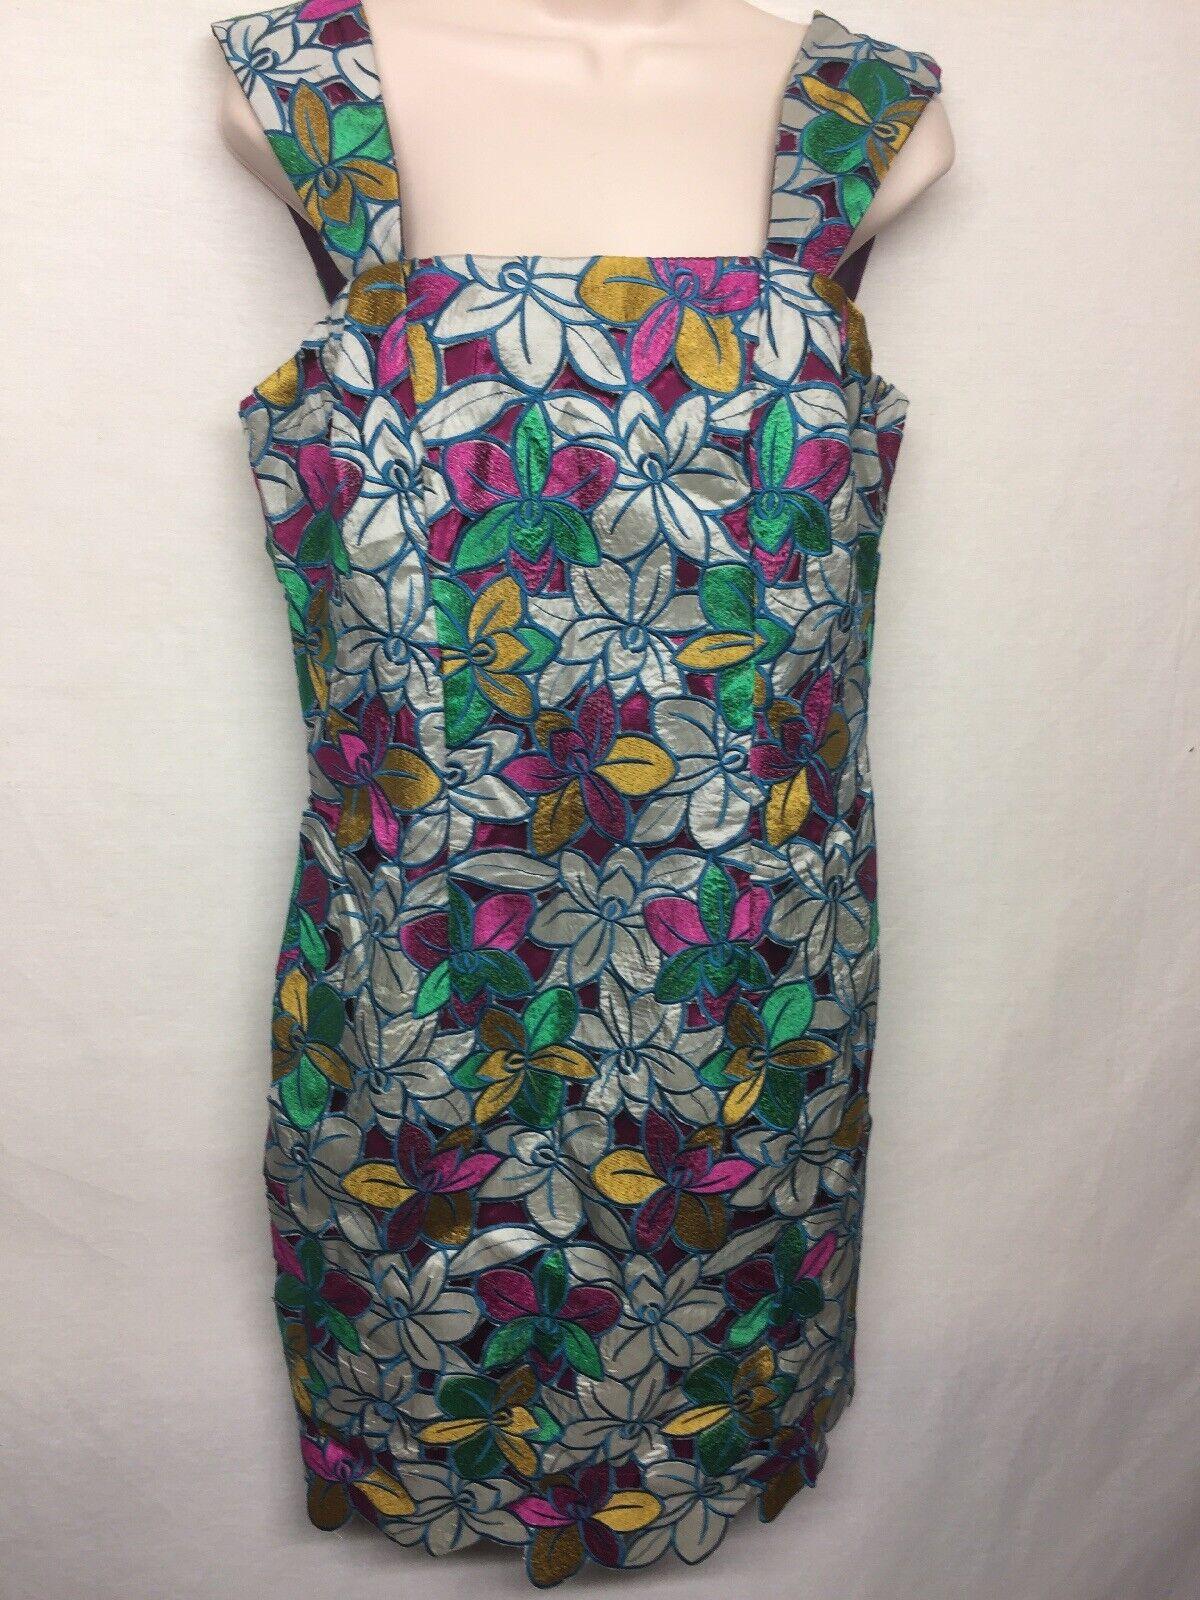 damen's Floral Multi Farbe Embroiderot Square Neck Sleeveless Mini Dress     Q12